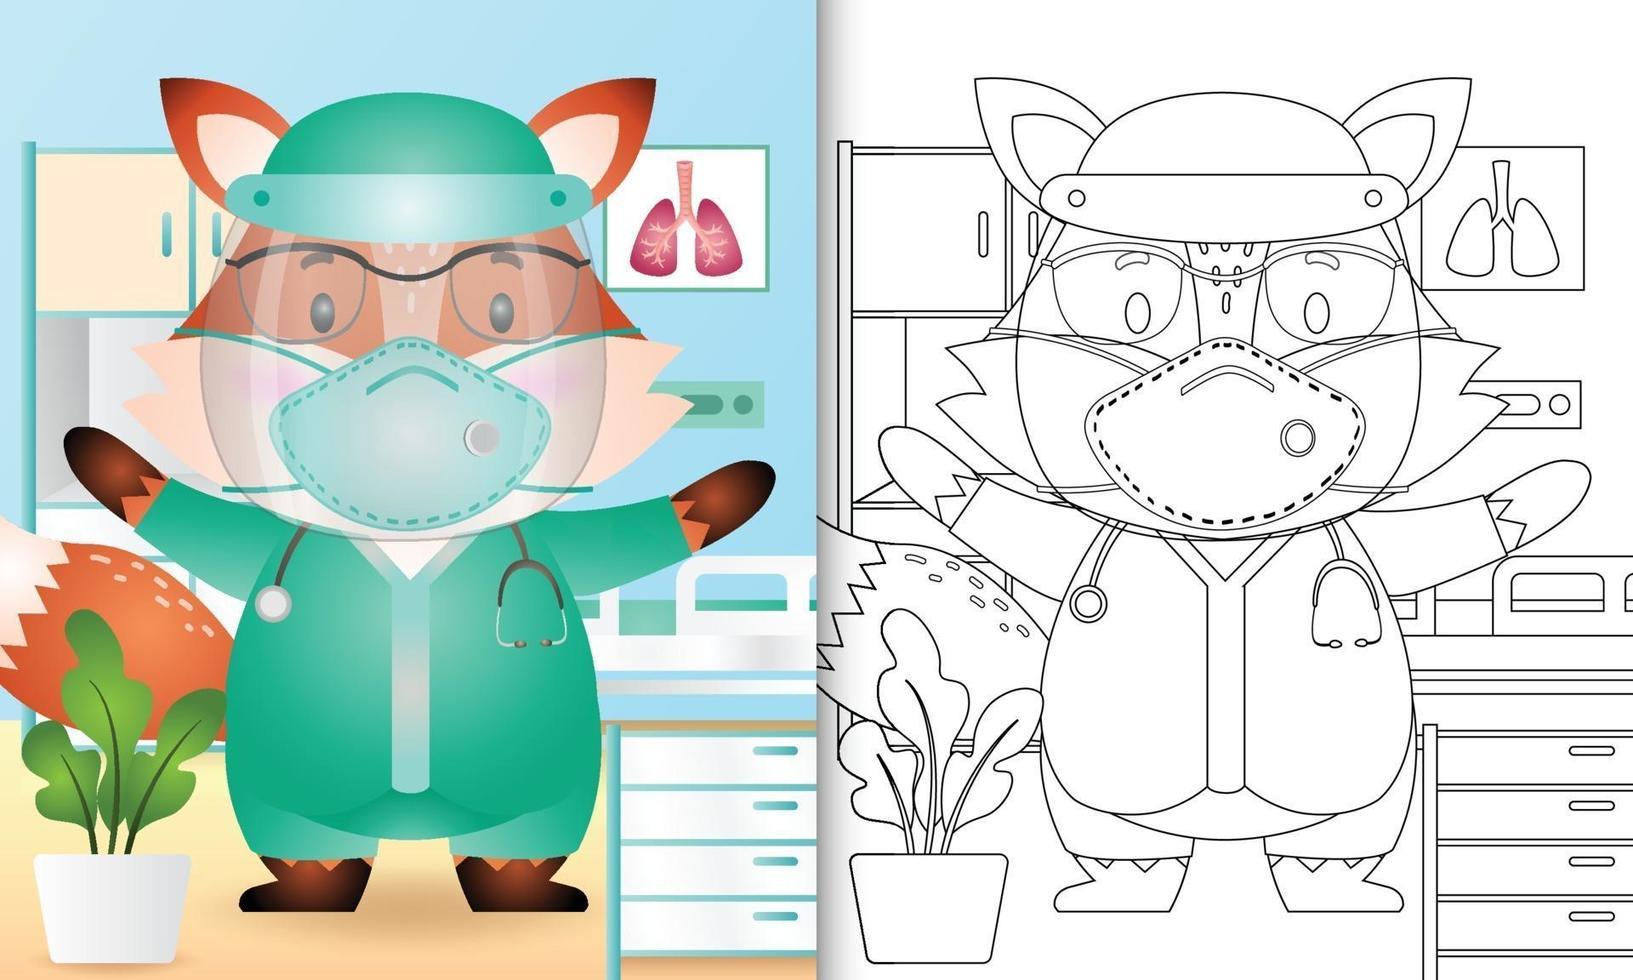 livre de coloriage pour les enfants avec une illustration de personnage de renard mignon utilisant le costume de l'équipe médicale vecteur